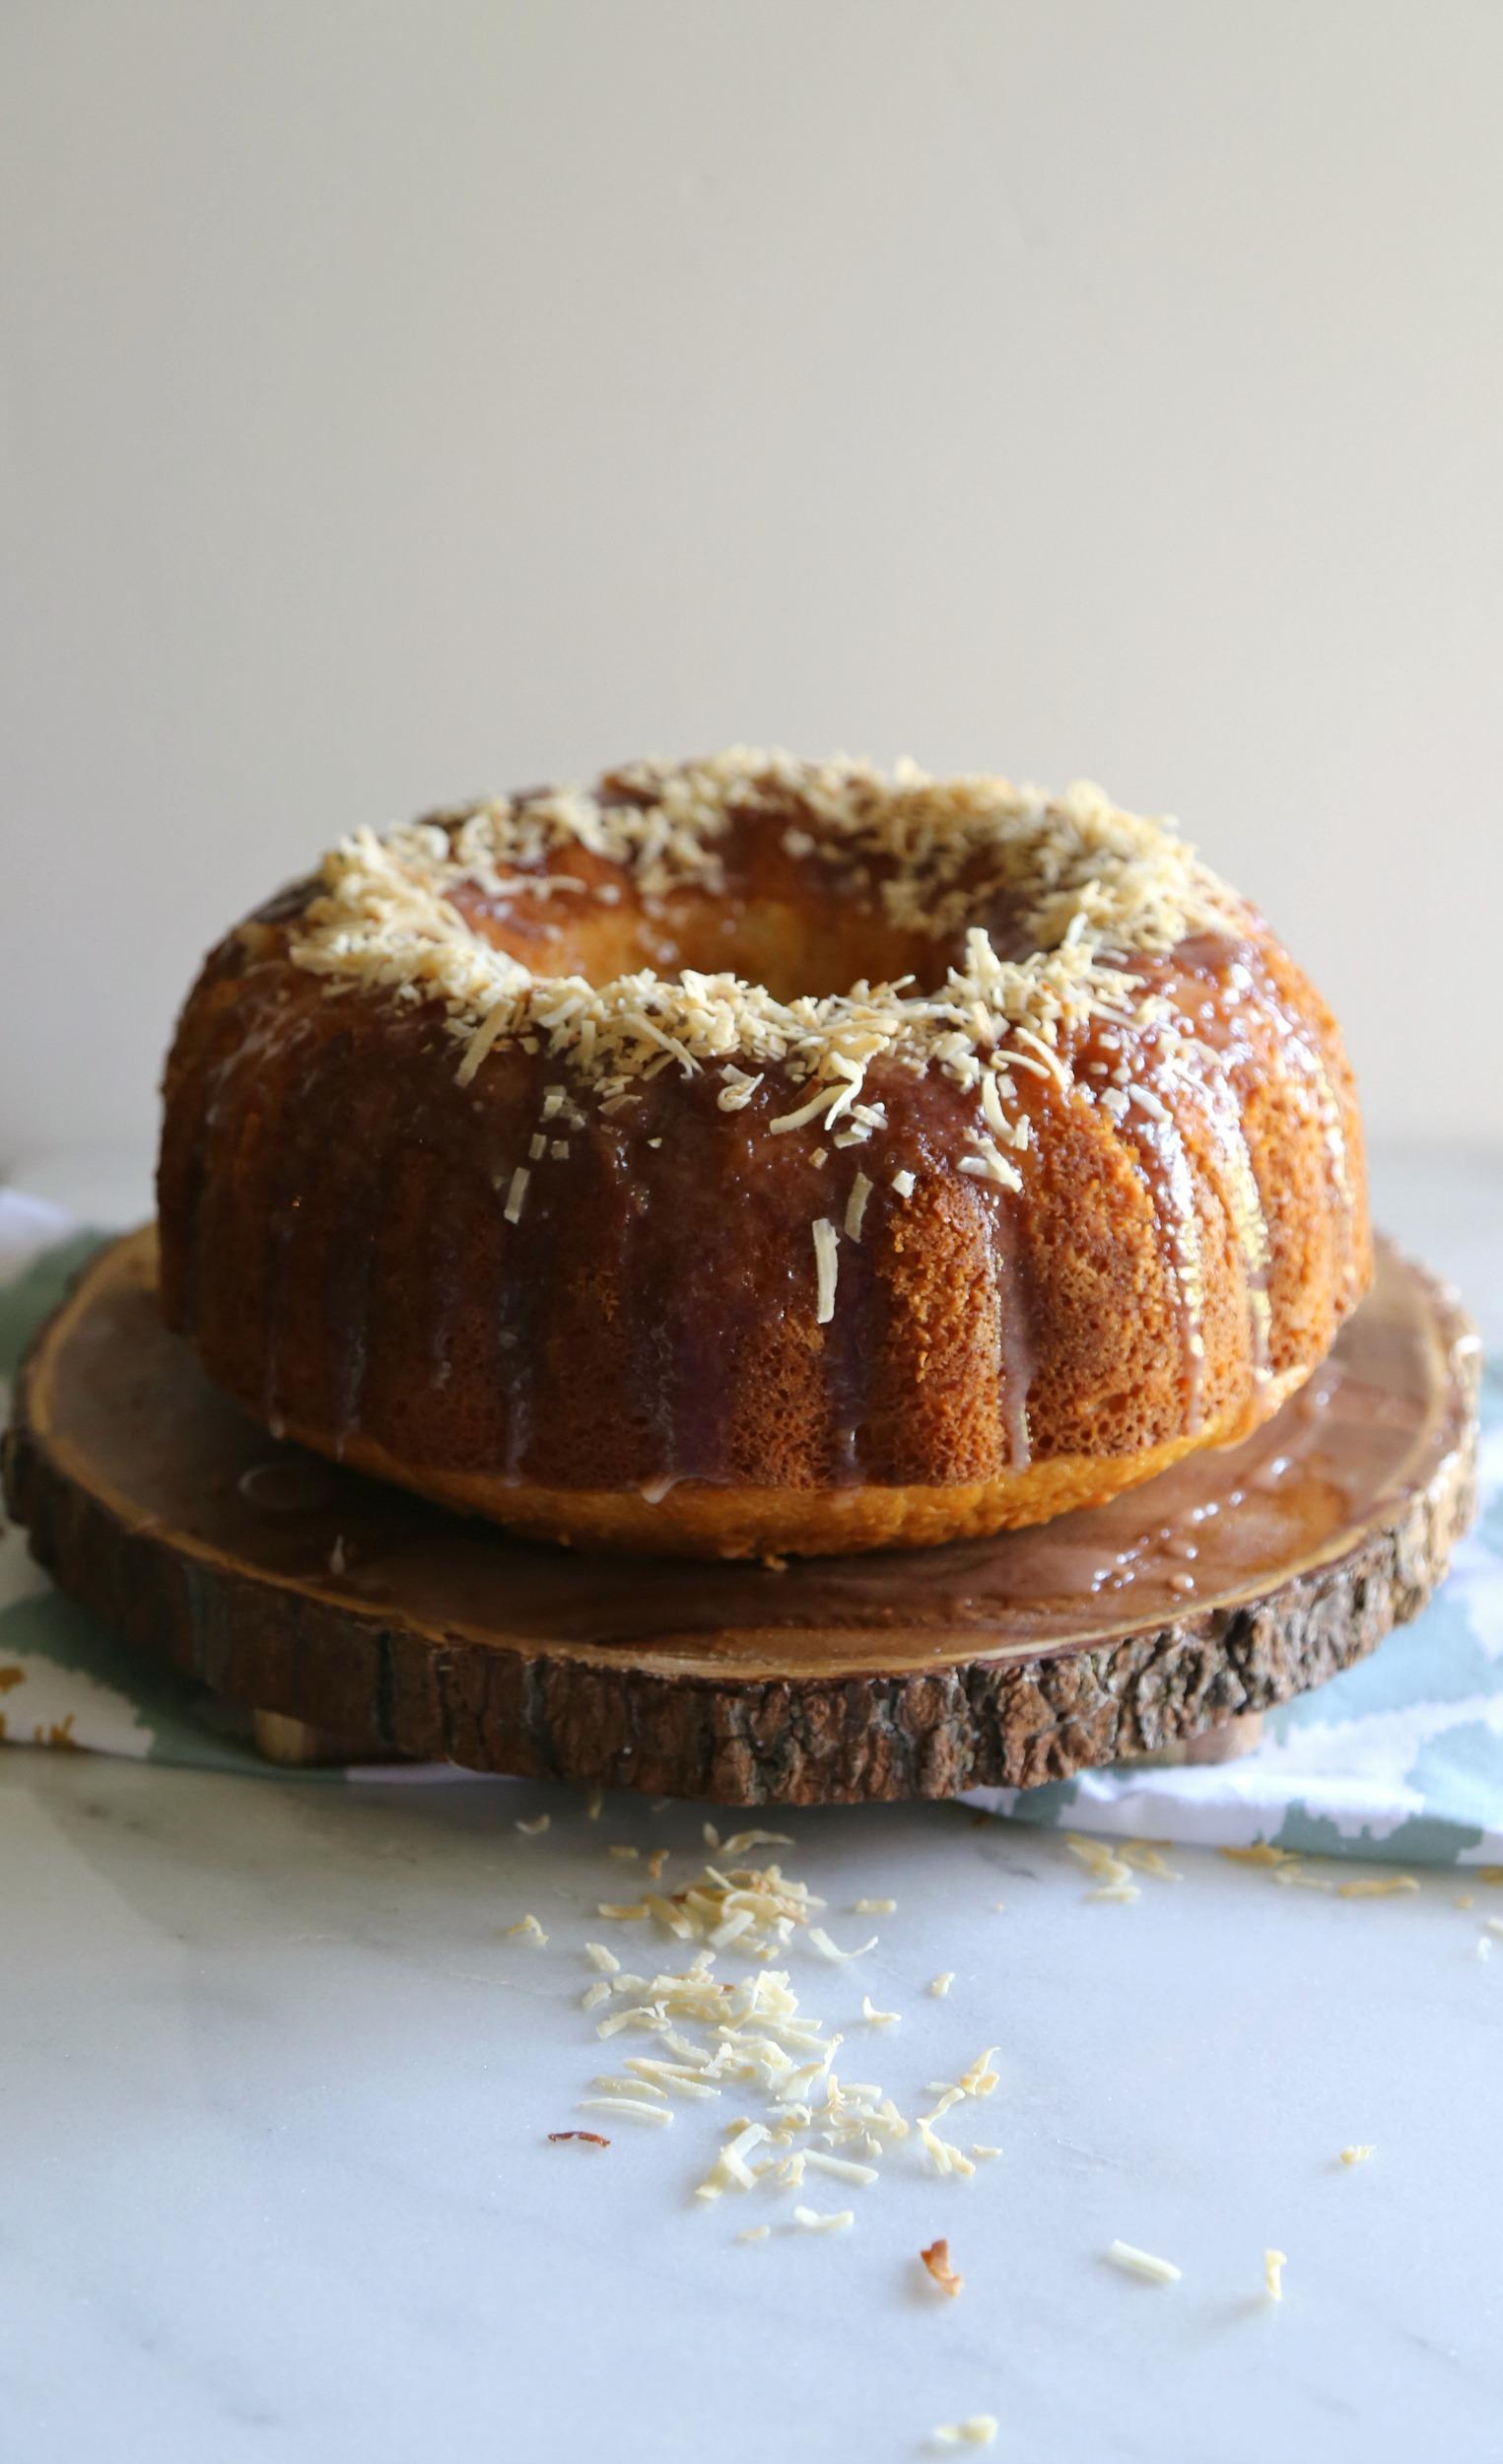 coconut-sweetened-condensed-milk-bundt-cake-vianneyrodriguez-sweetlifebake